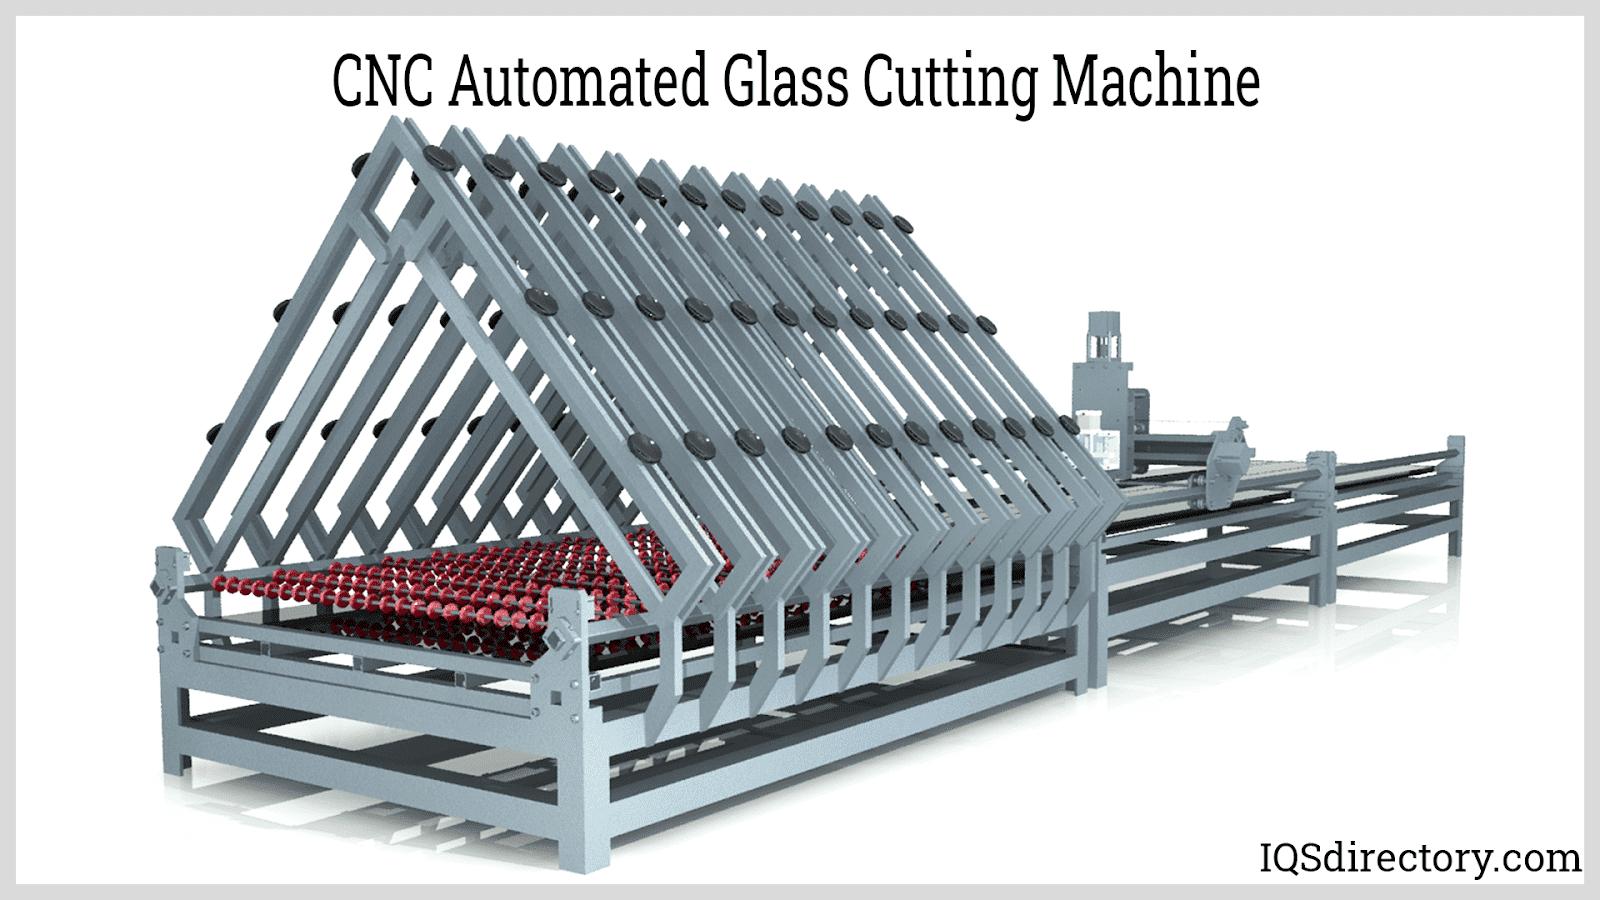 CNC Automated Glass Cutting Machine